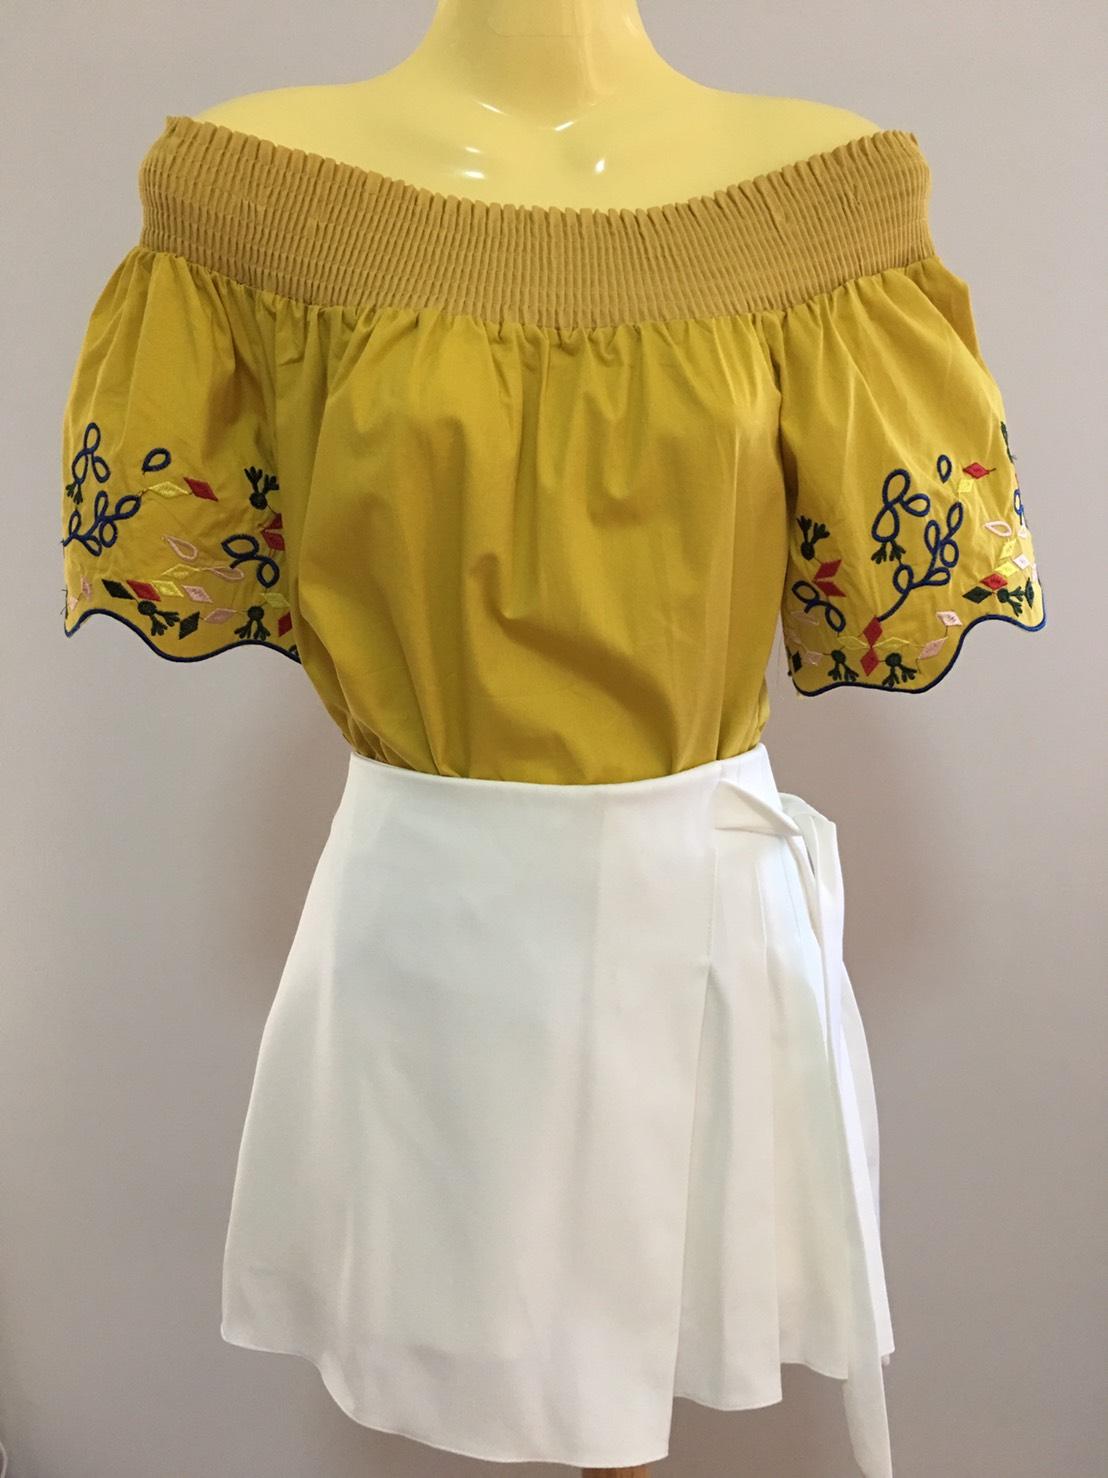 เสื้อปาดไหล่ สีเหลือง สวยเก๋ เป็นแบบเสื้อแฟชั่นปาดไหล่ ที่ออกแบบไม่เหมือนใคร ปลายแขนมีลายกิ๊บแก๋